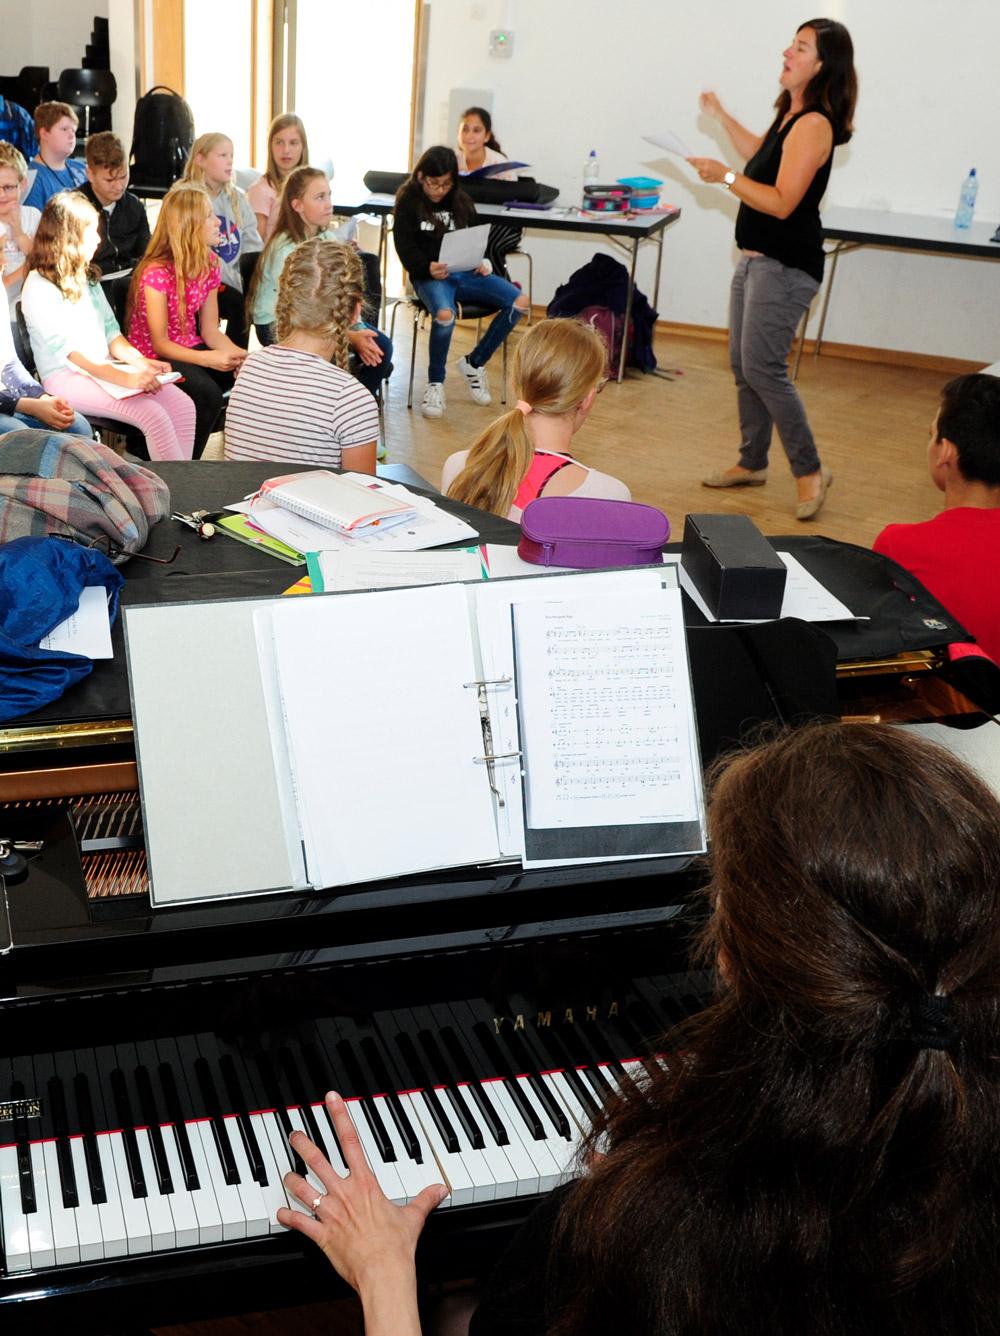 SchülerInnen singen gemeinsam im Musikunterricht